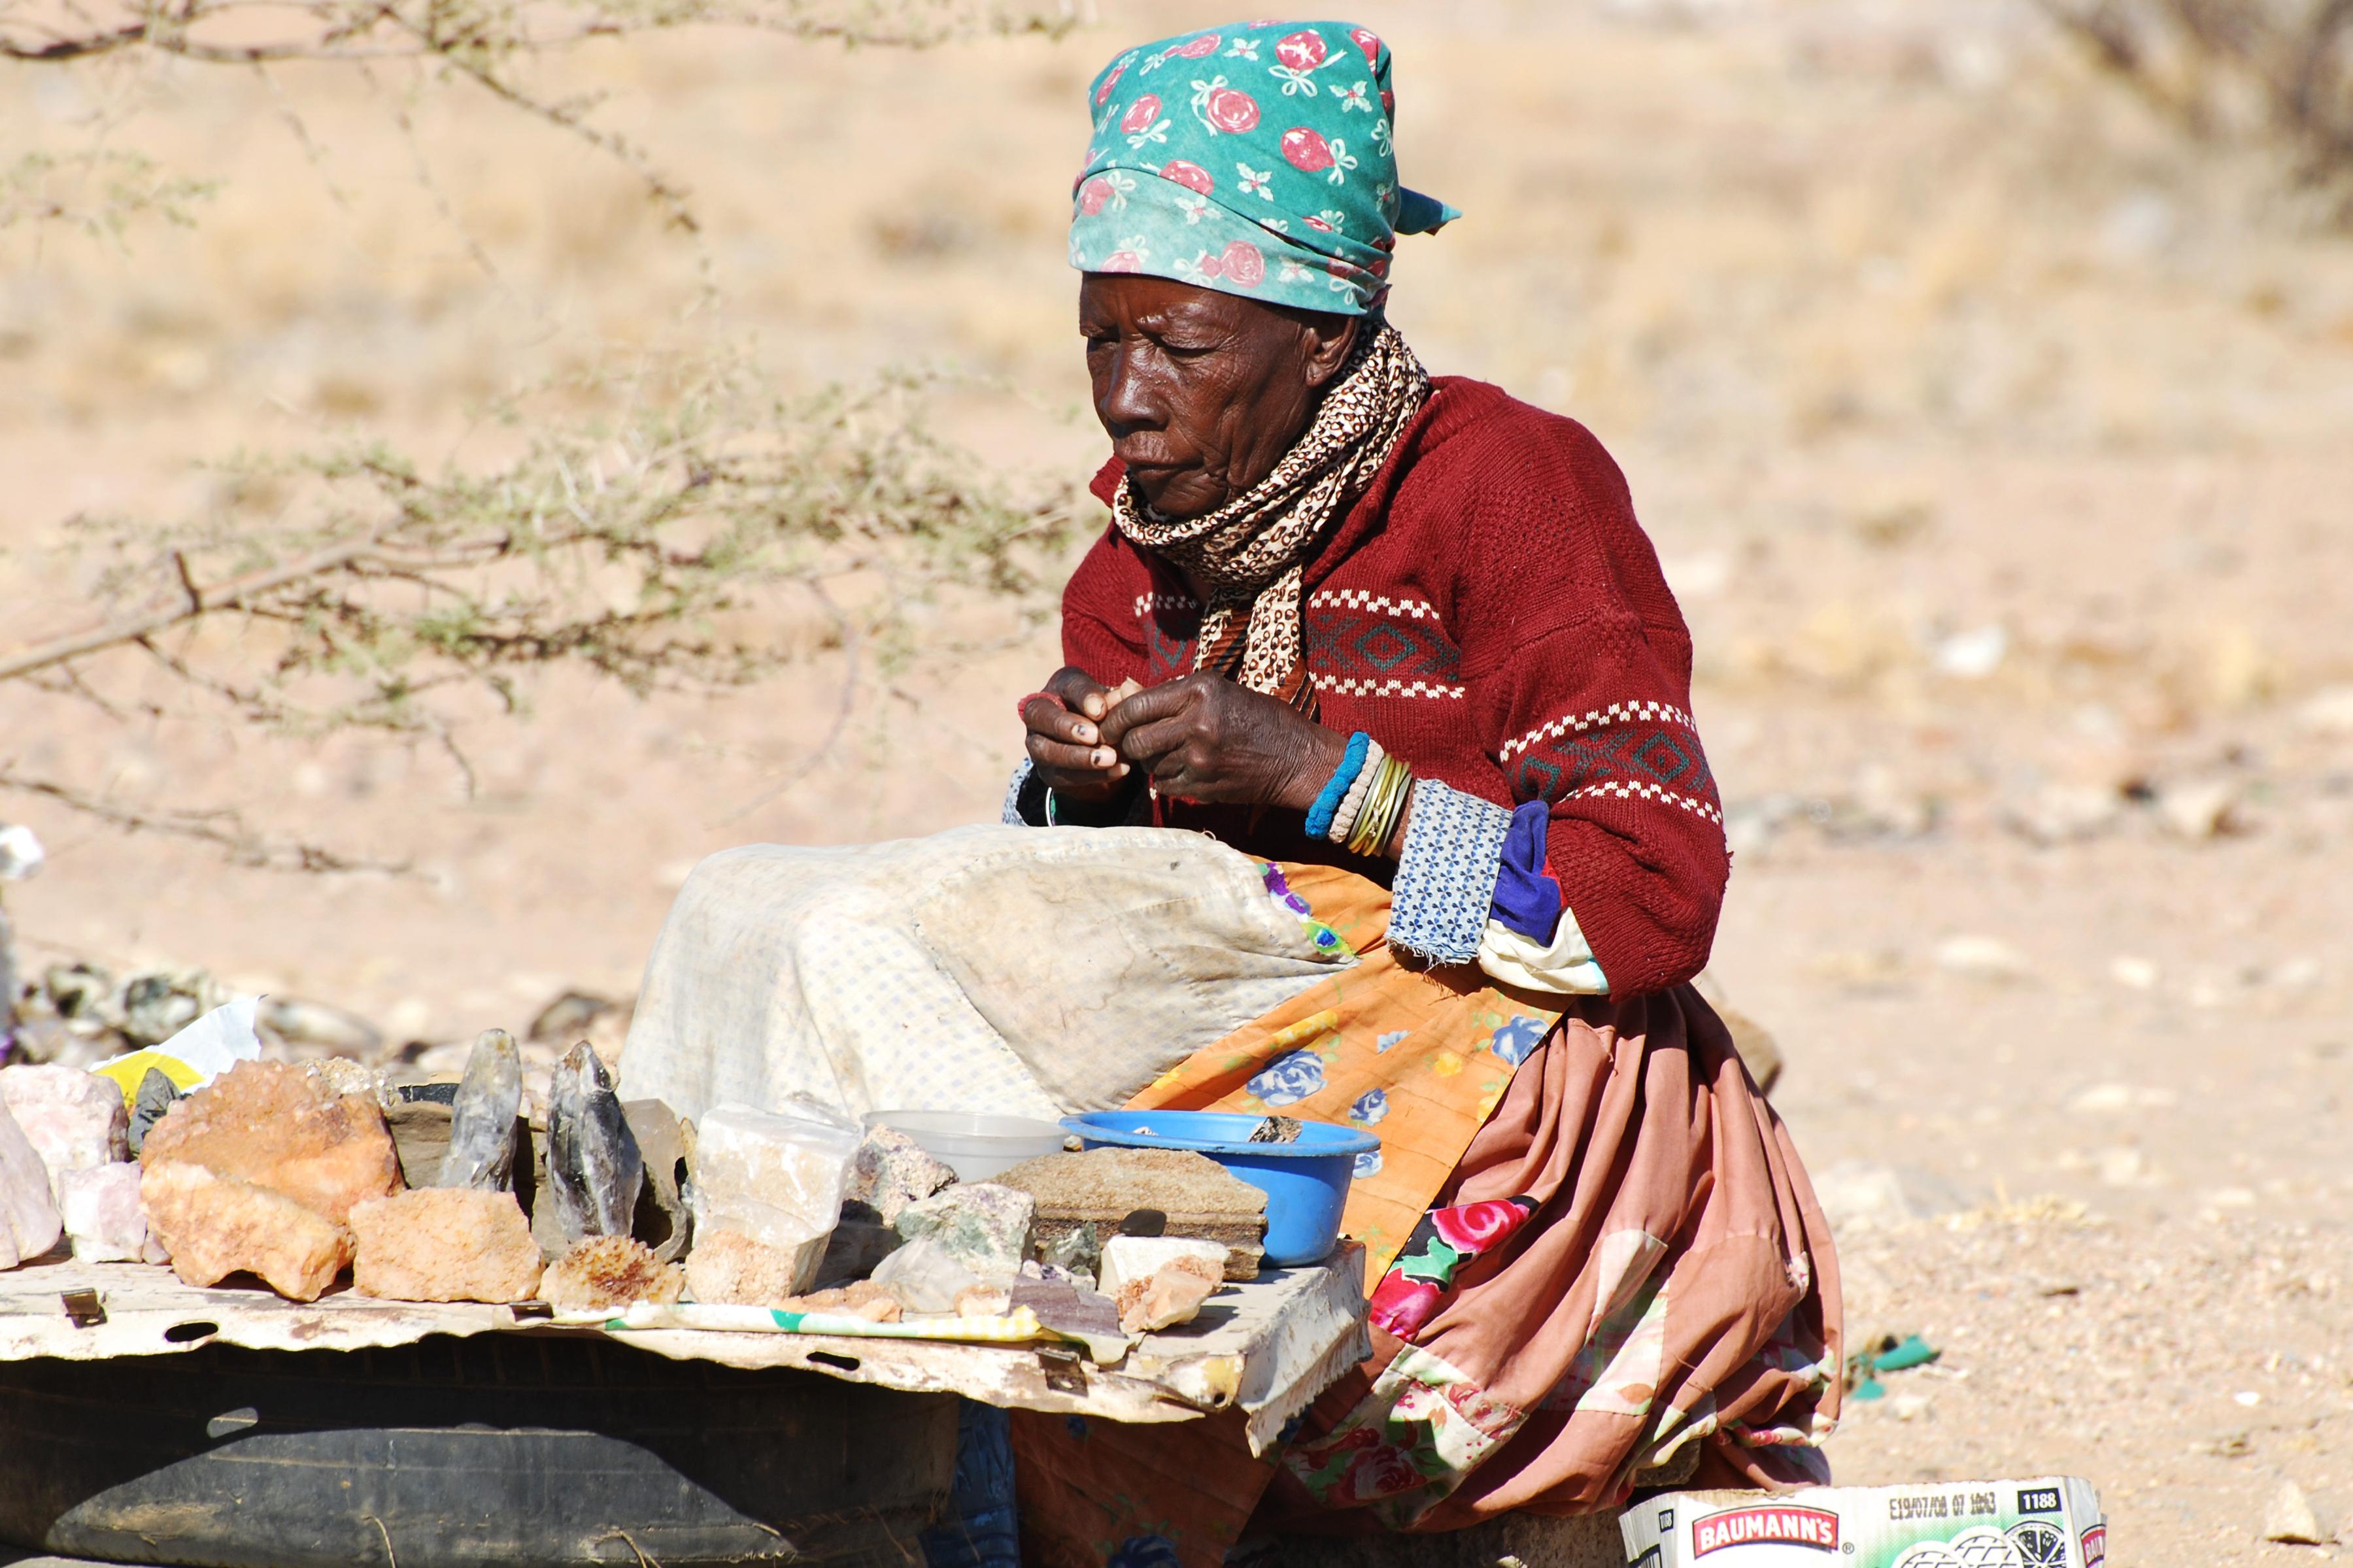 Entwicklungsbanken müssen einen klareren Fokus auf Investitionen in den Klimaschutz legen, zeigt ein Bericht.